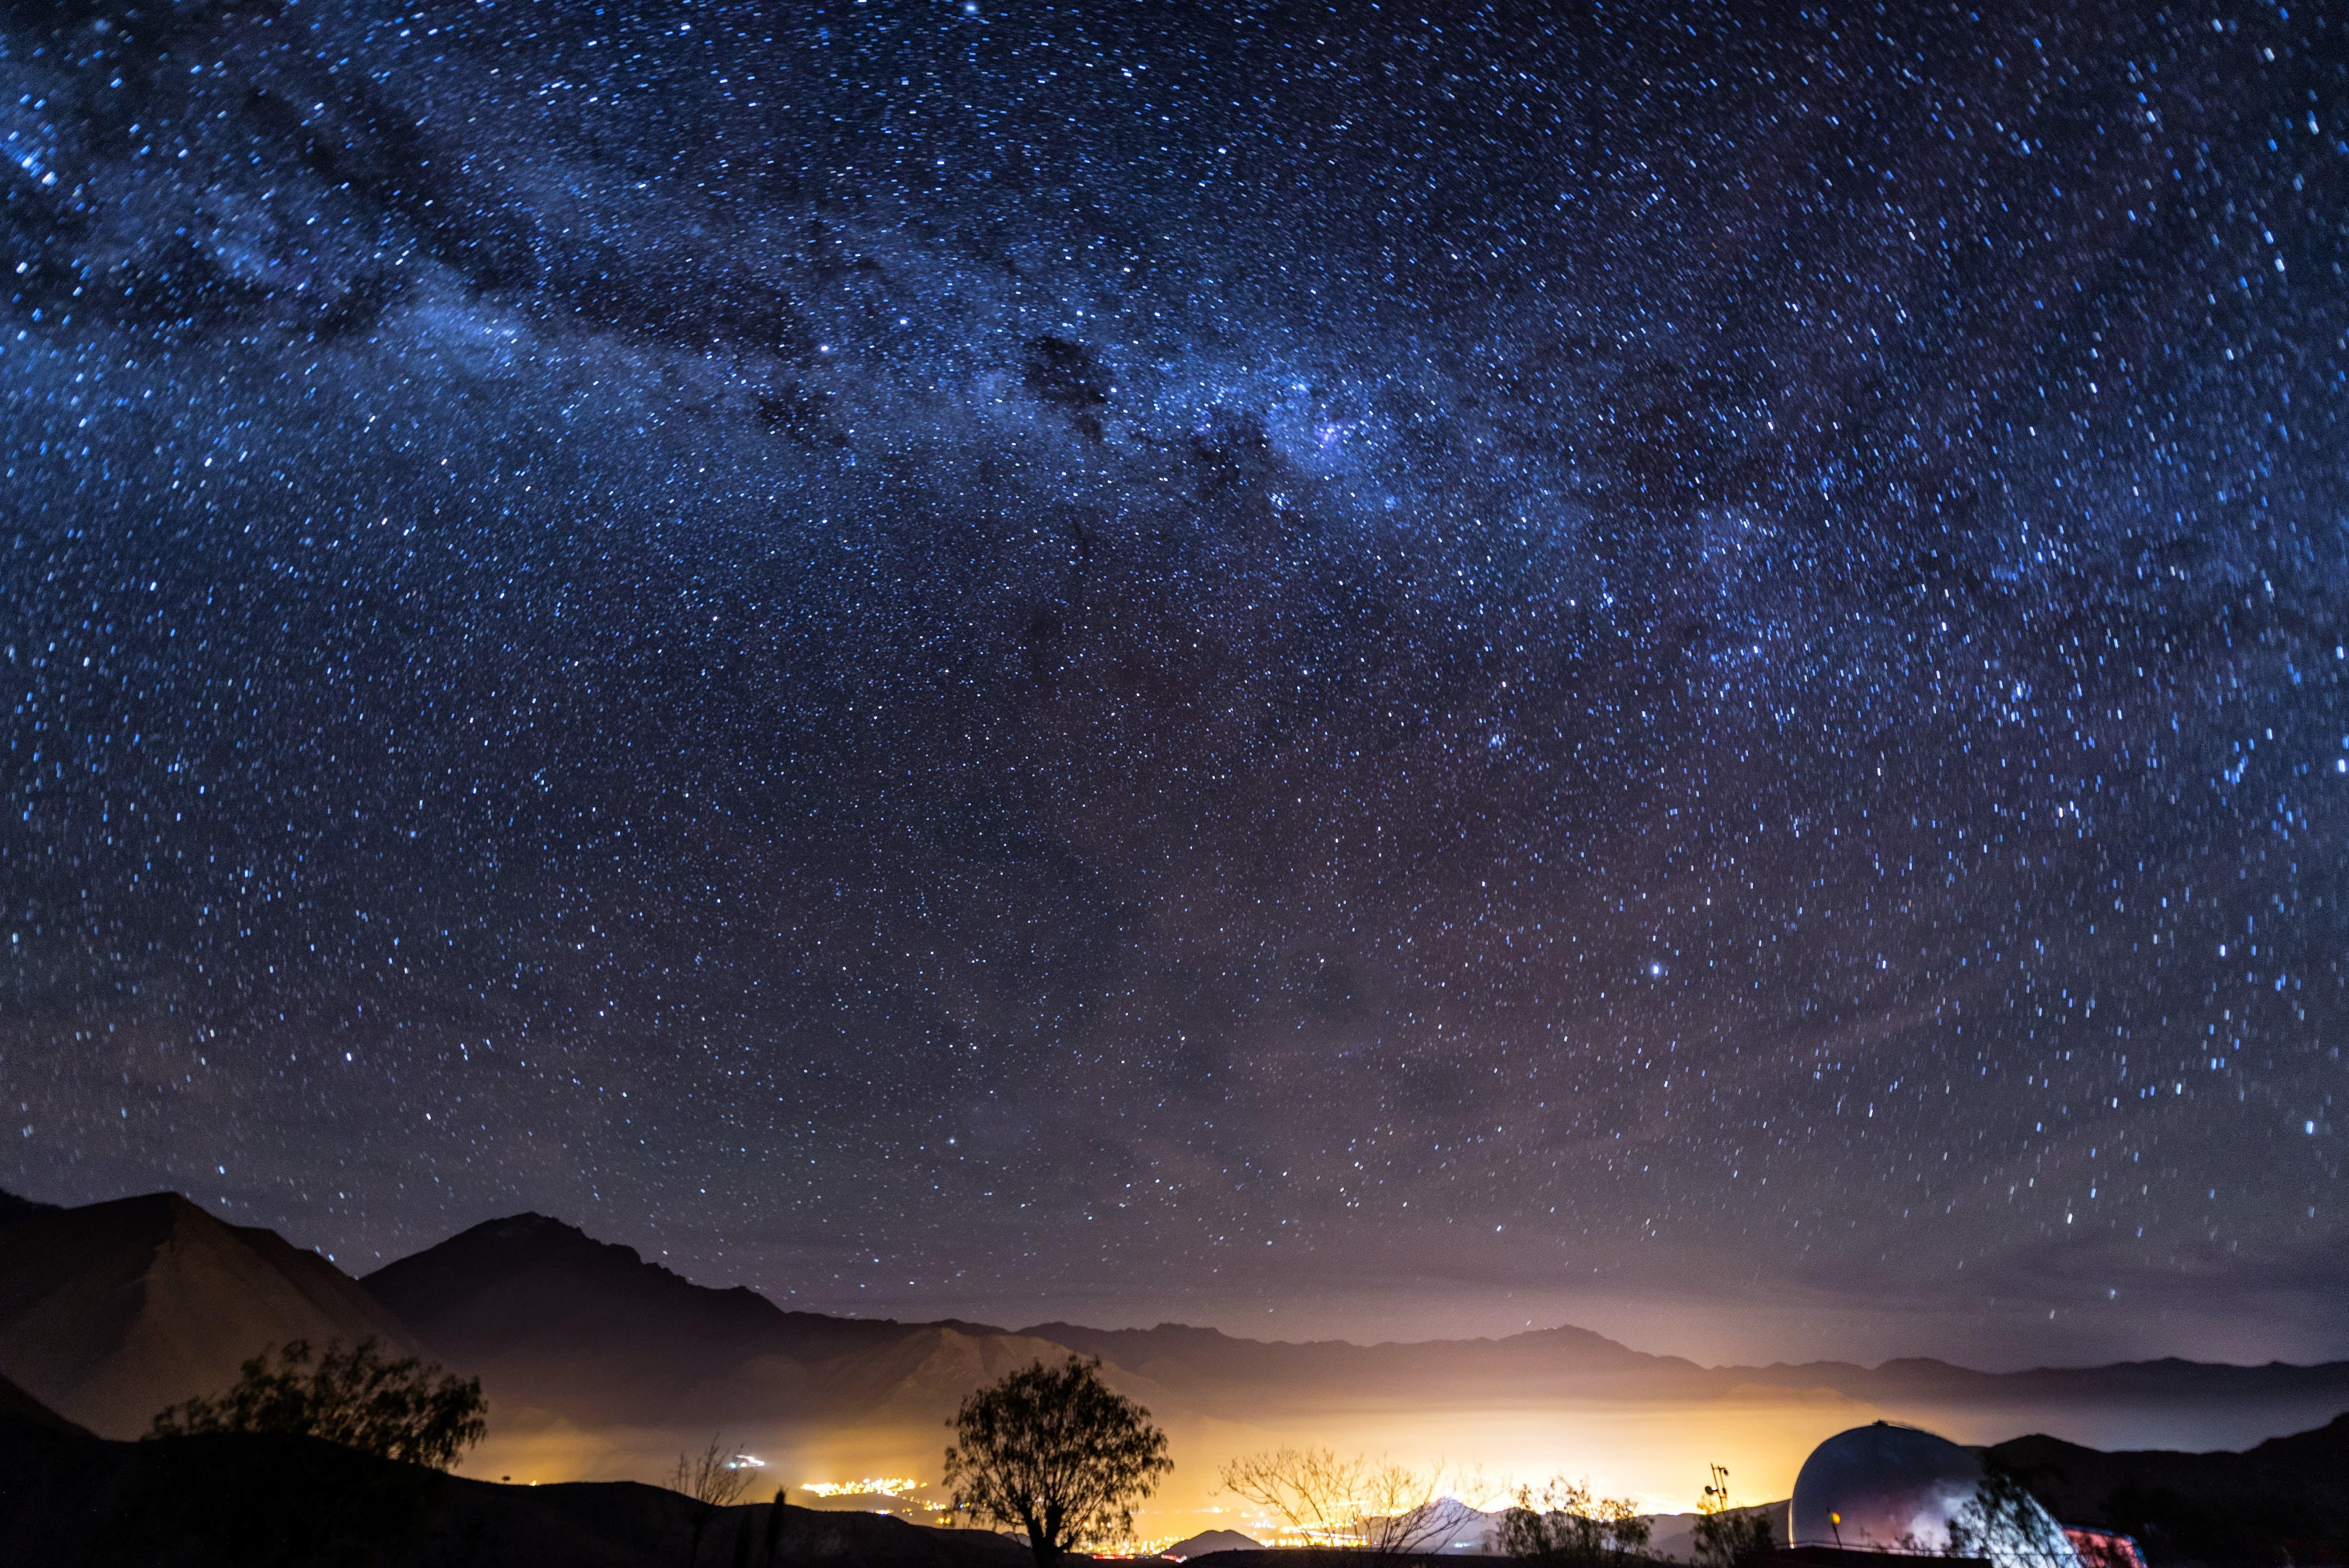 Atacama Wüste in Chile, Sternenhimmel